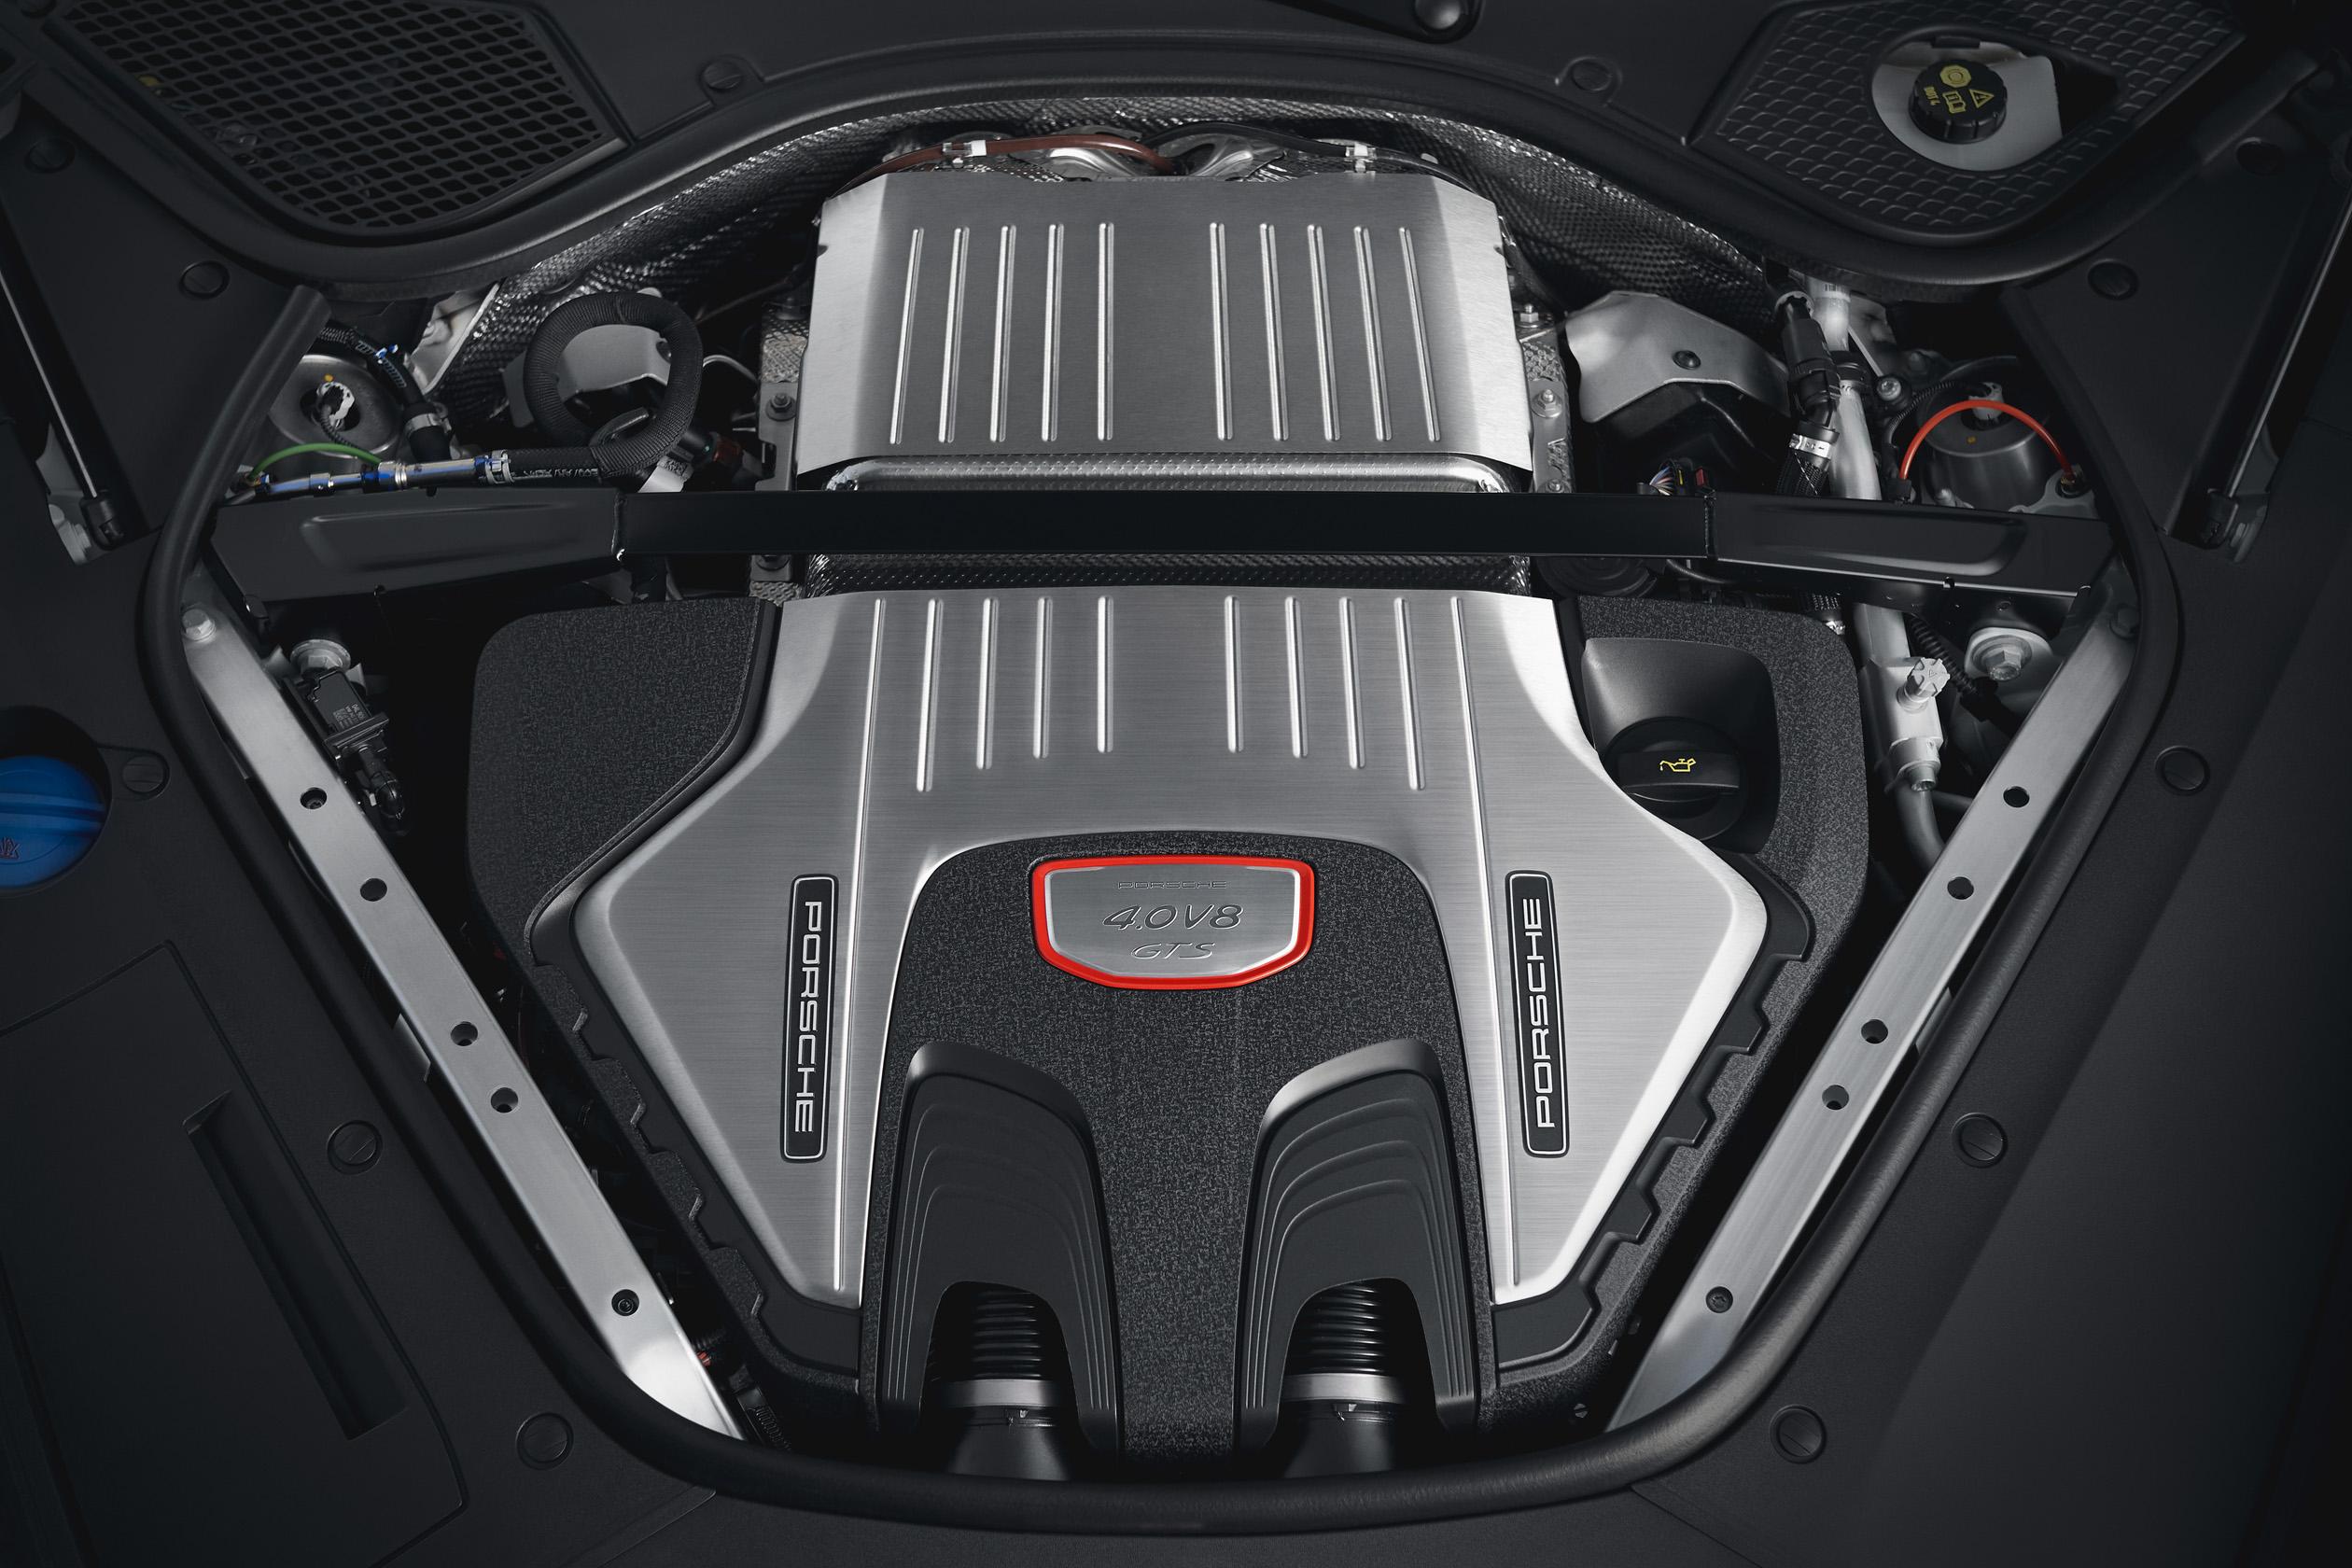 2019 Porsche Panamera GTS- 4.0-litre V8 biturbo engine